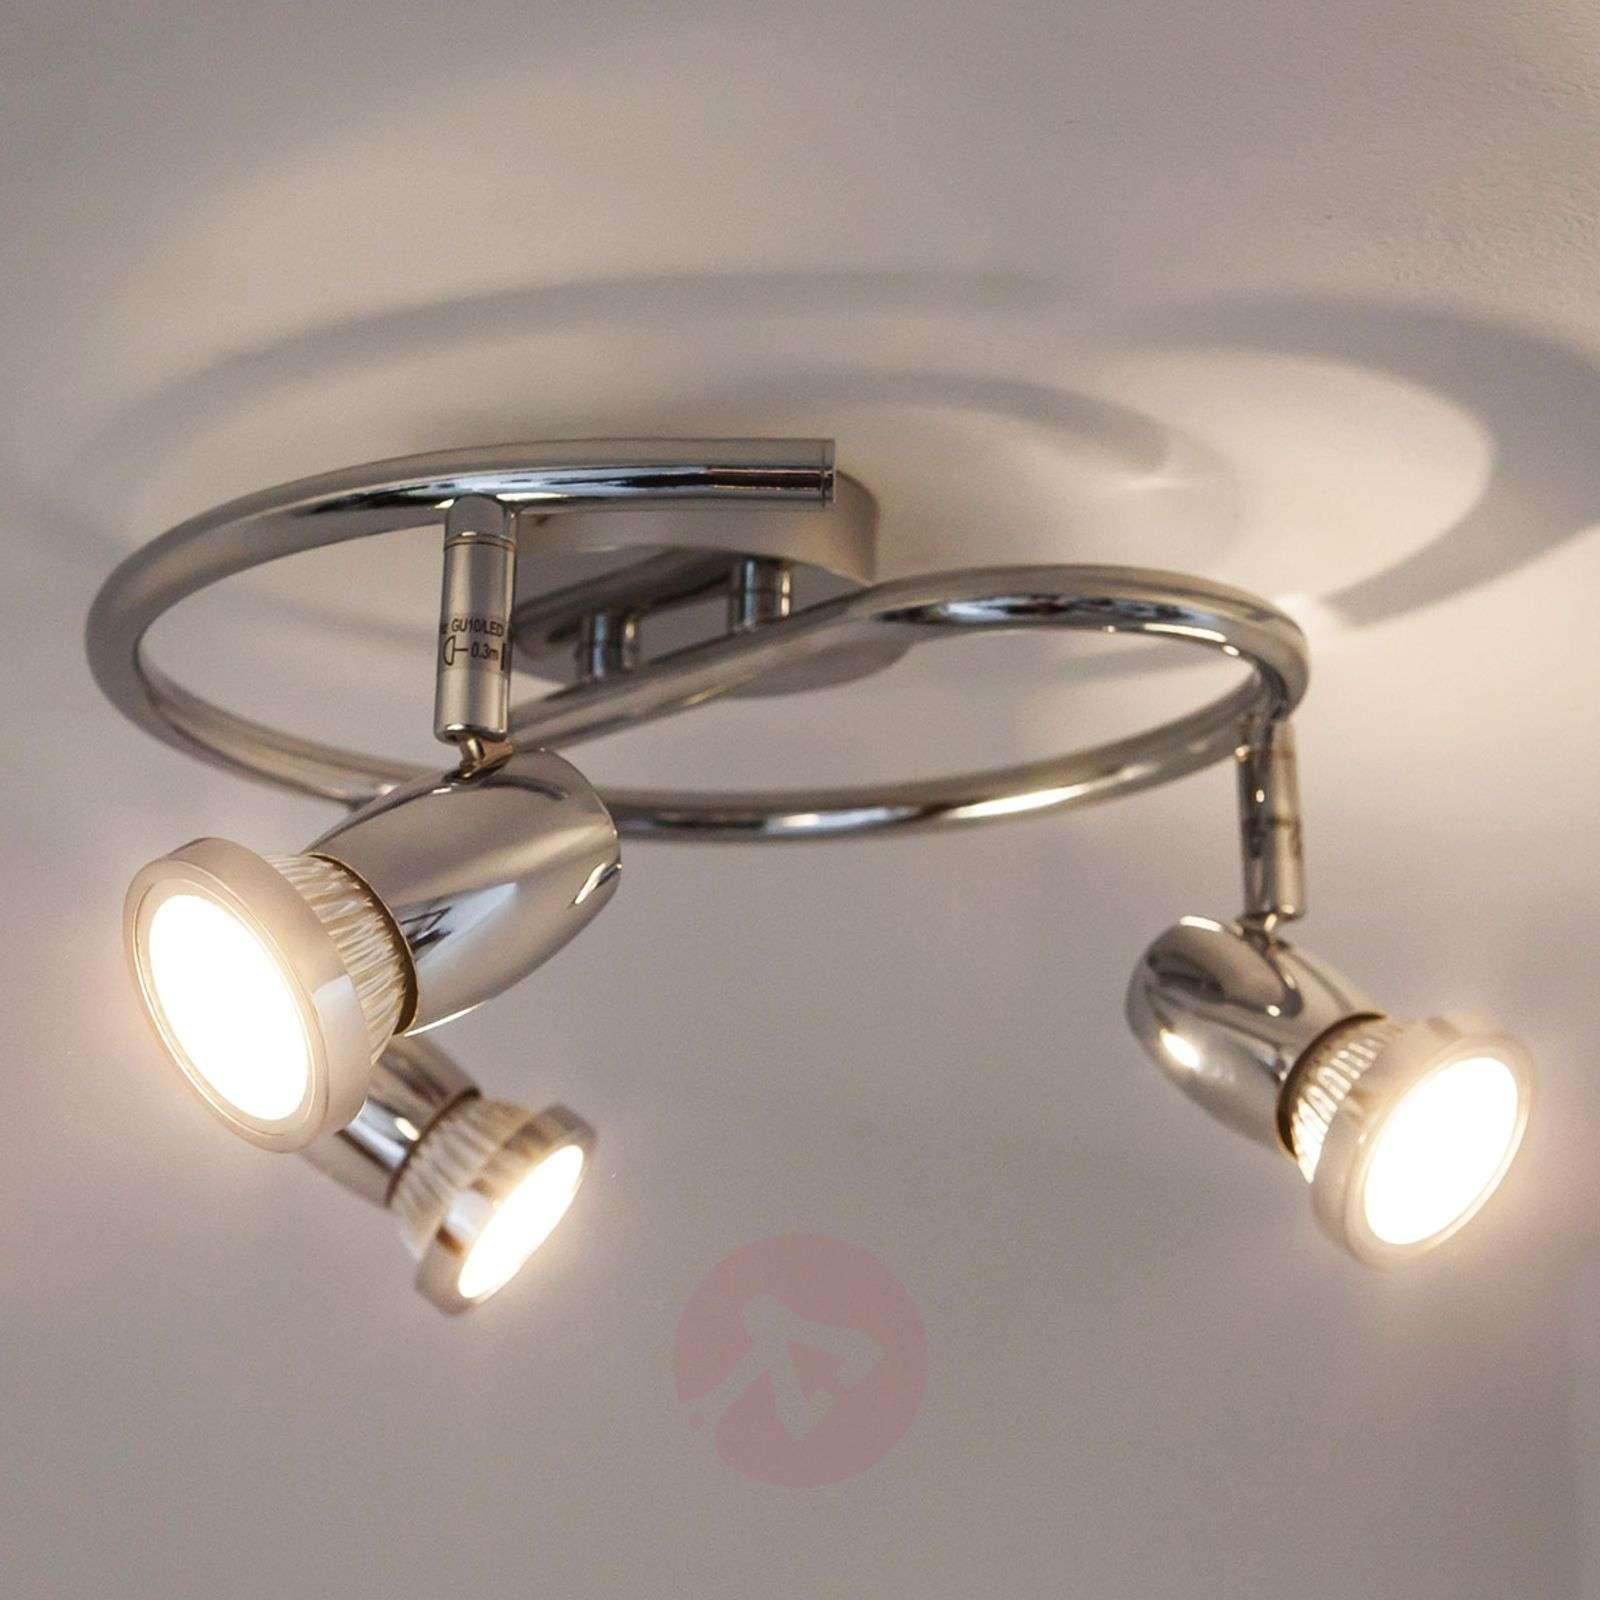 Ceiling light Arminius with GU10 LED bulbs-9950372-01